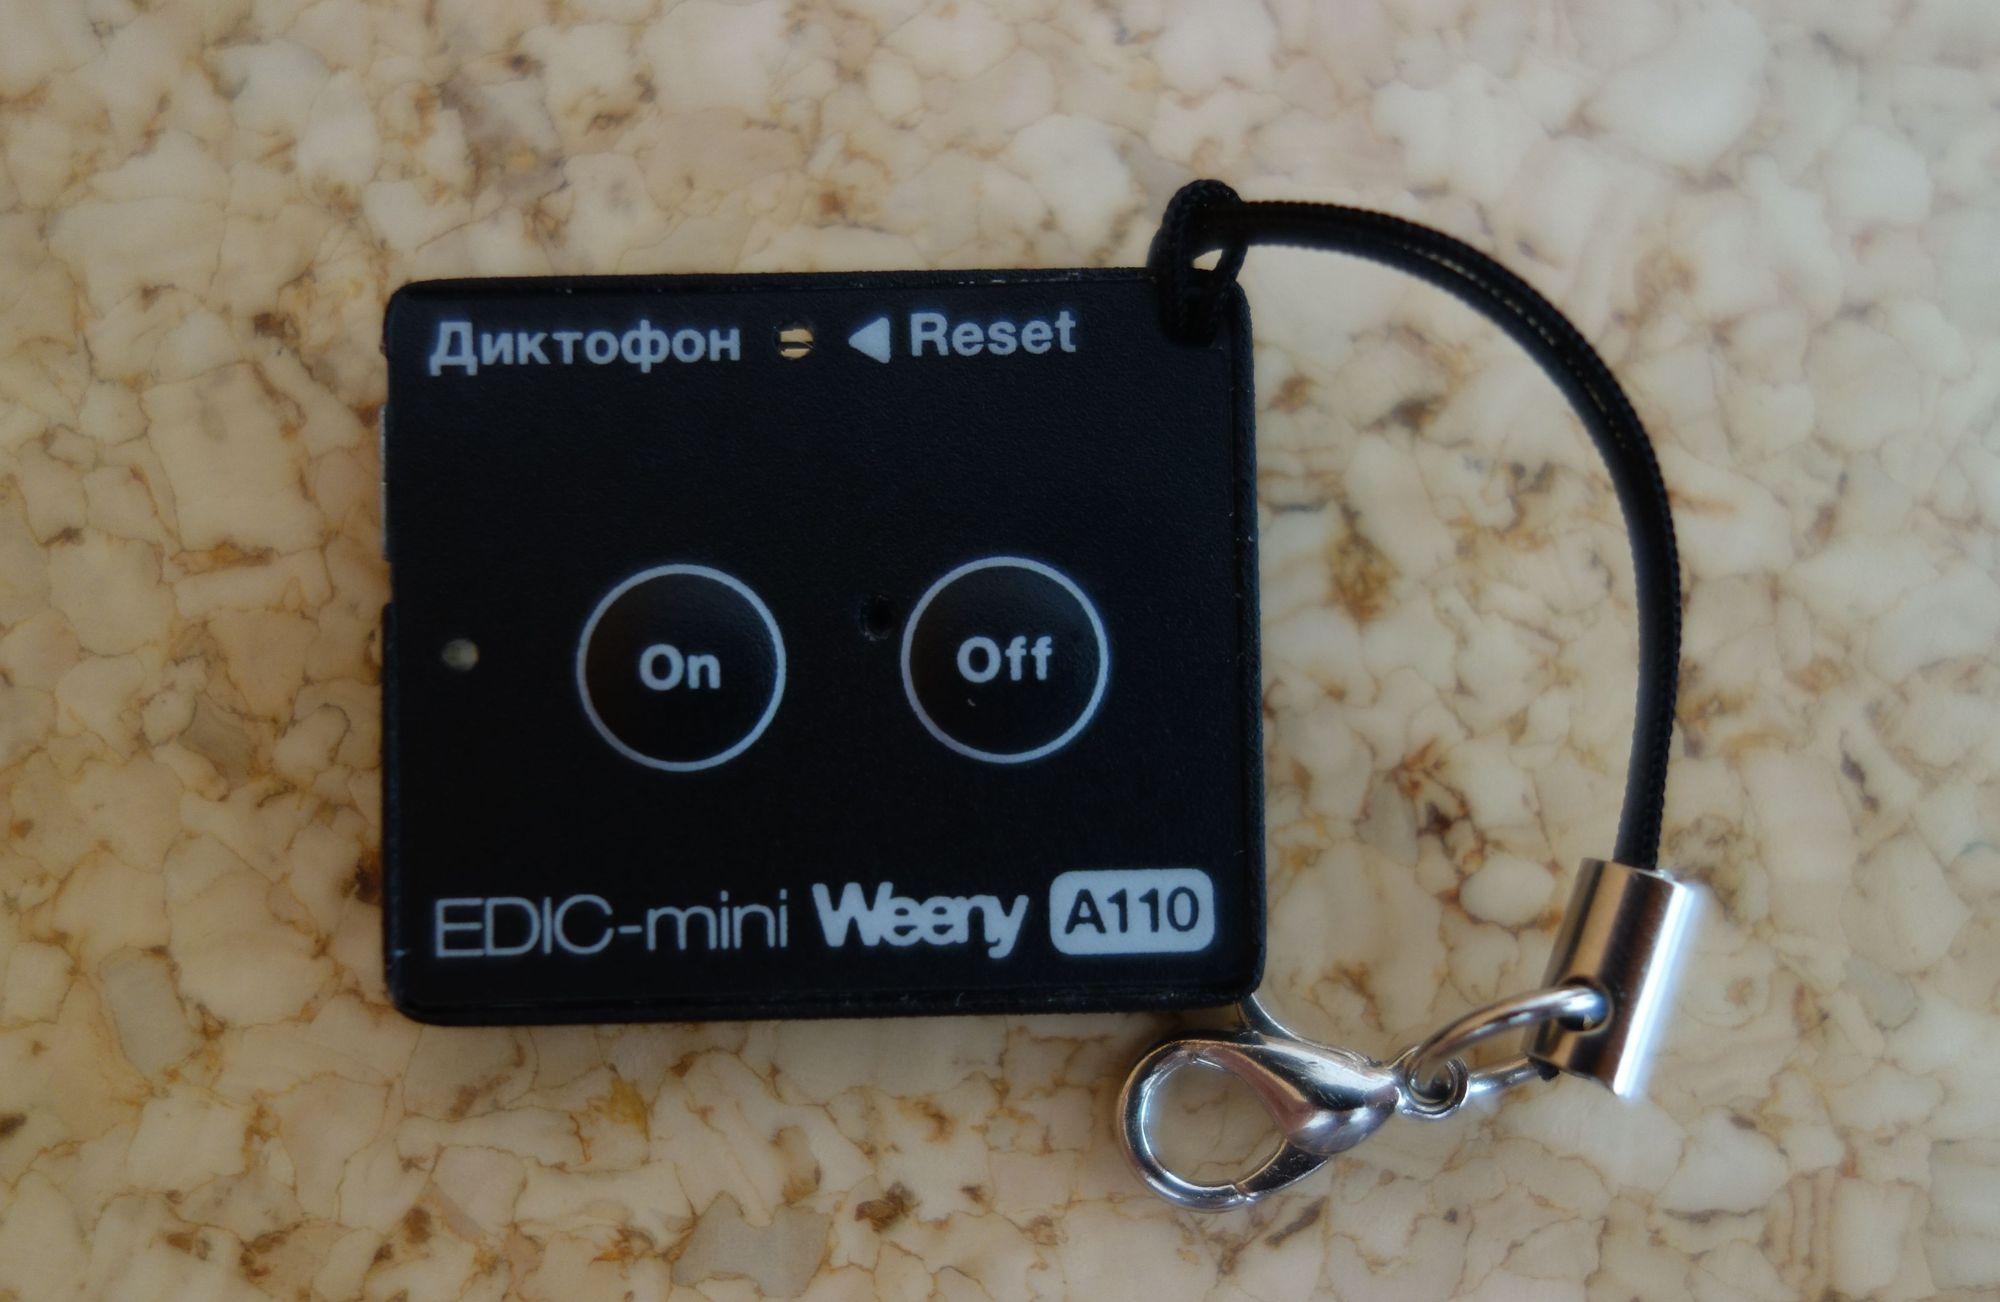 Обзор диктофона Edic Weeny A110 с функцией «чёрного ящика» - 4